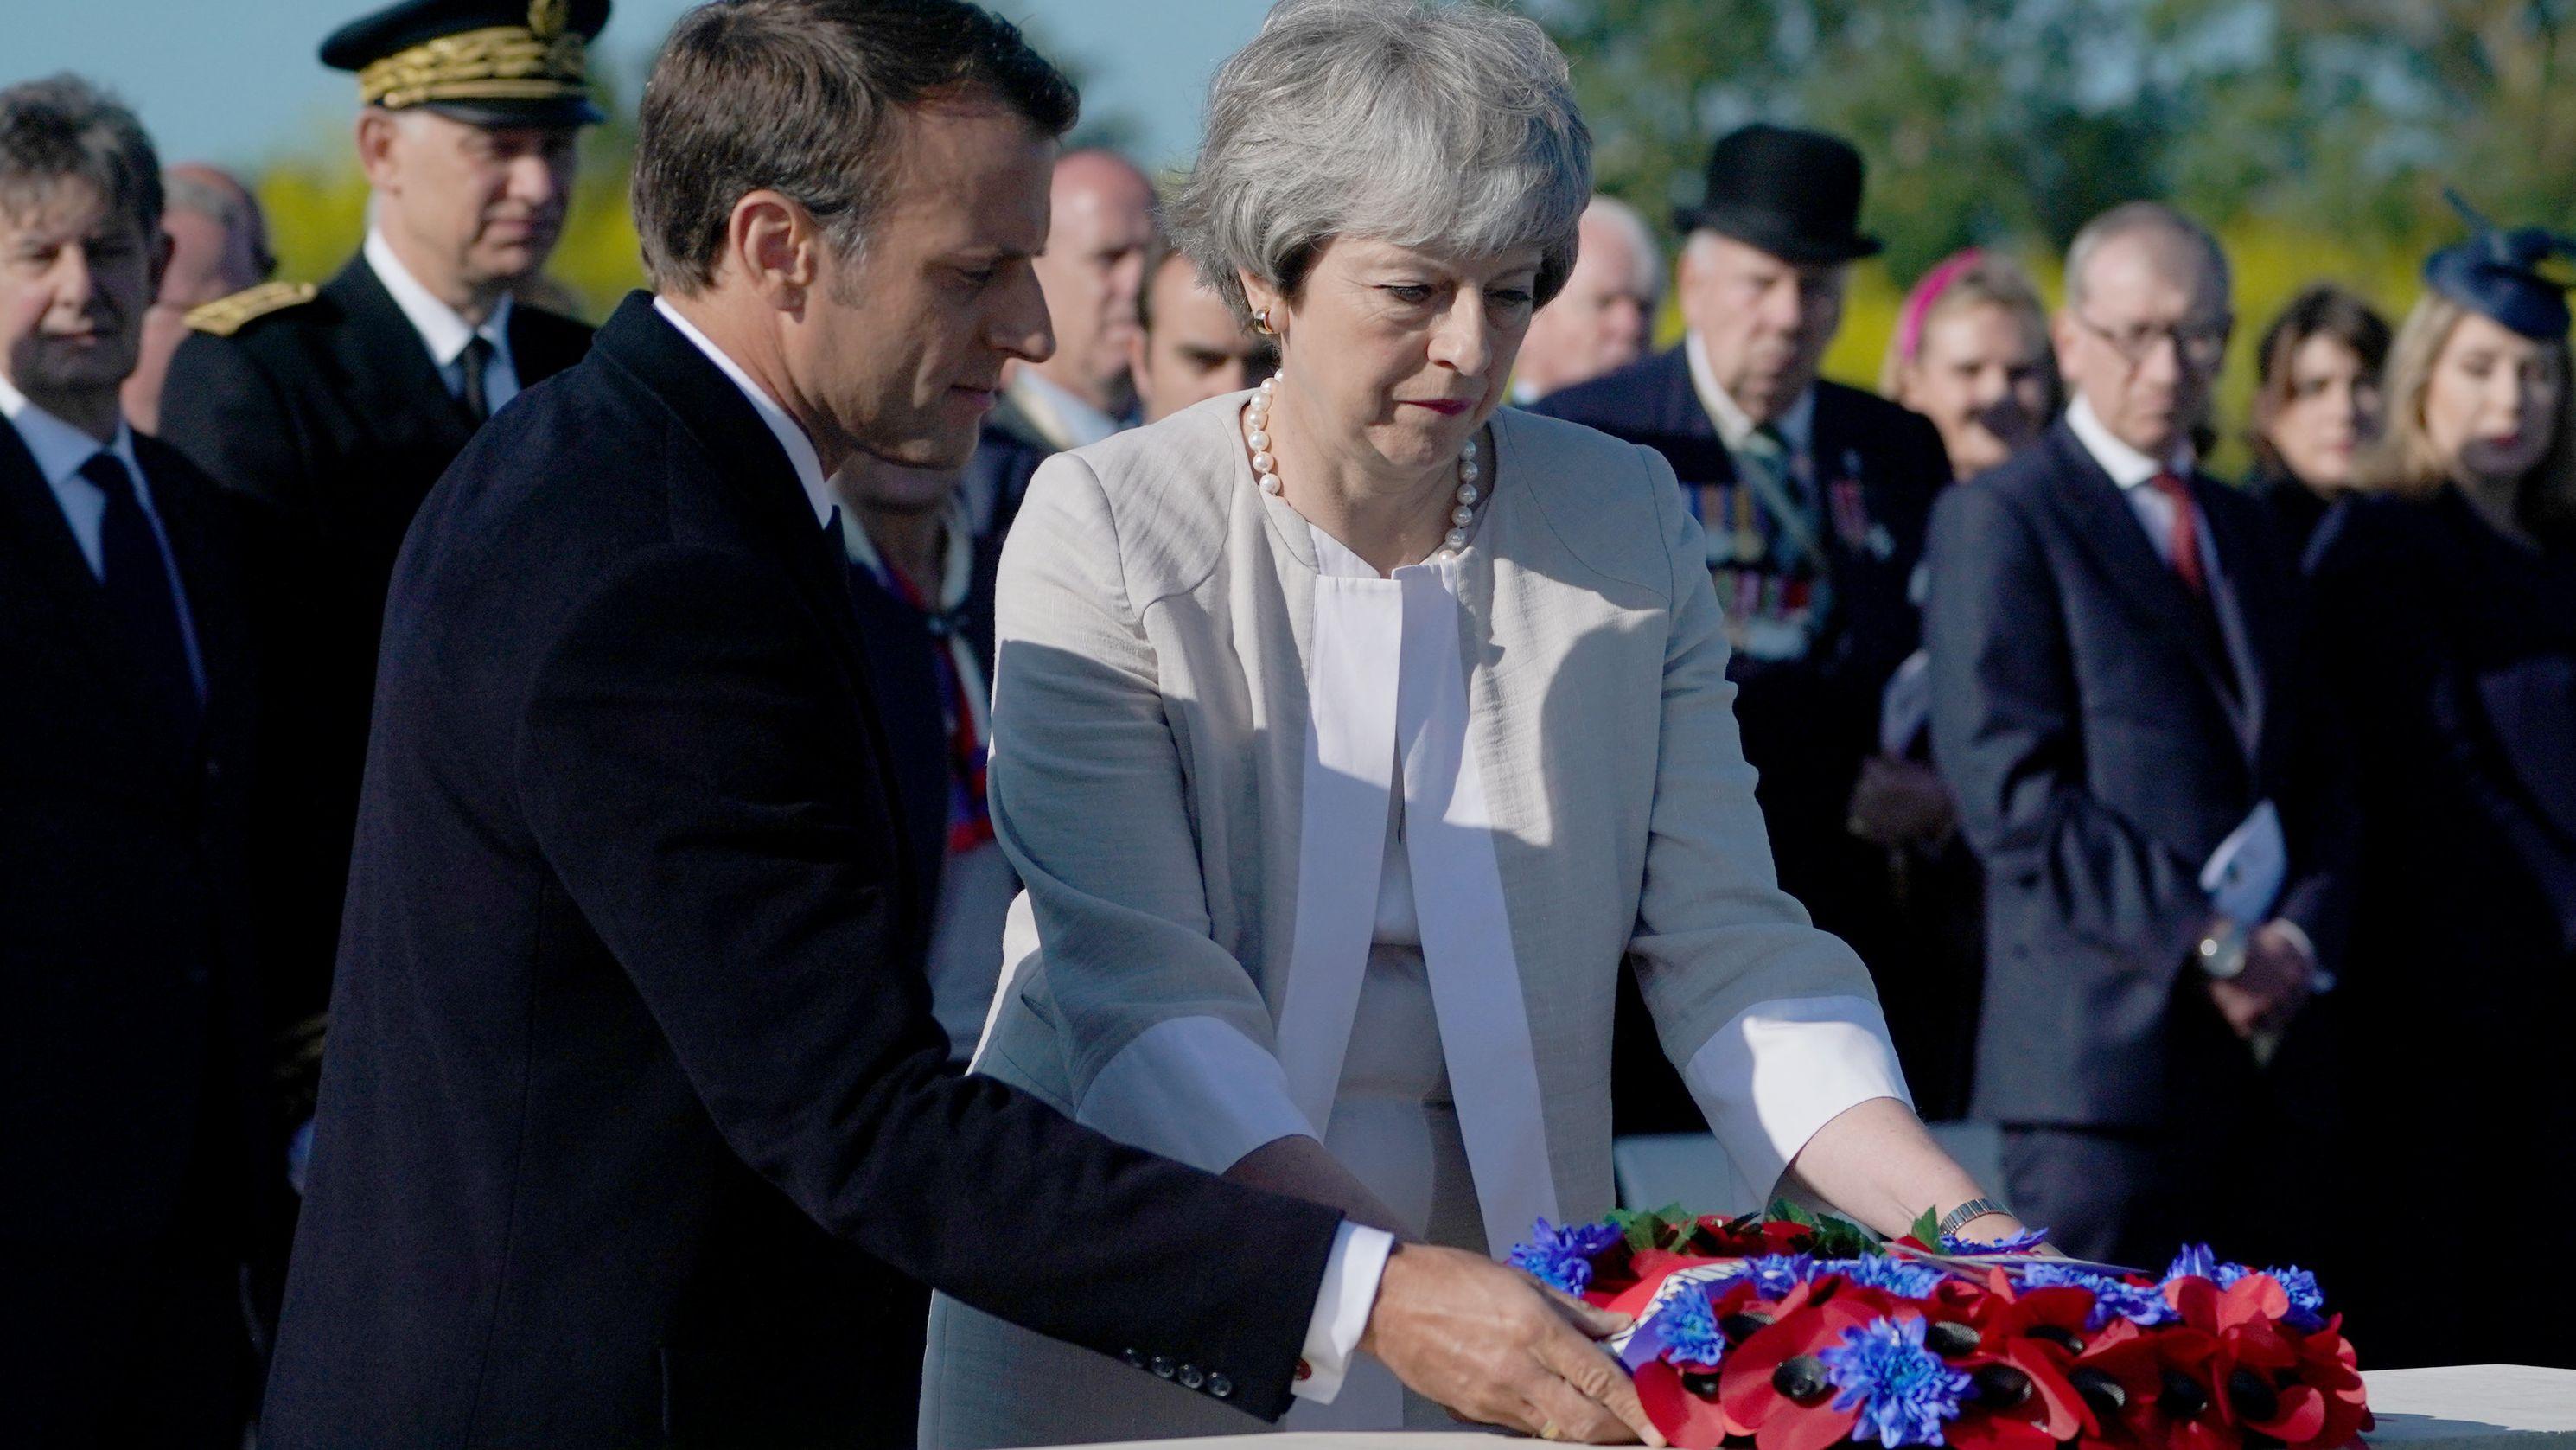 Am 06.06. trafen sich Politiker aus aller Welt, um am 75. Gedenktag des D-Days Kriegsveteranen zu danken.